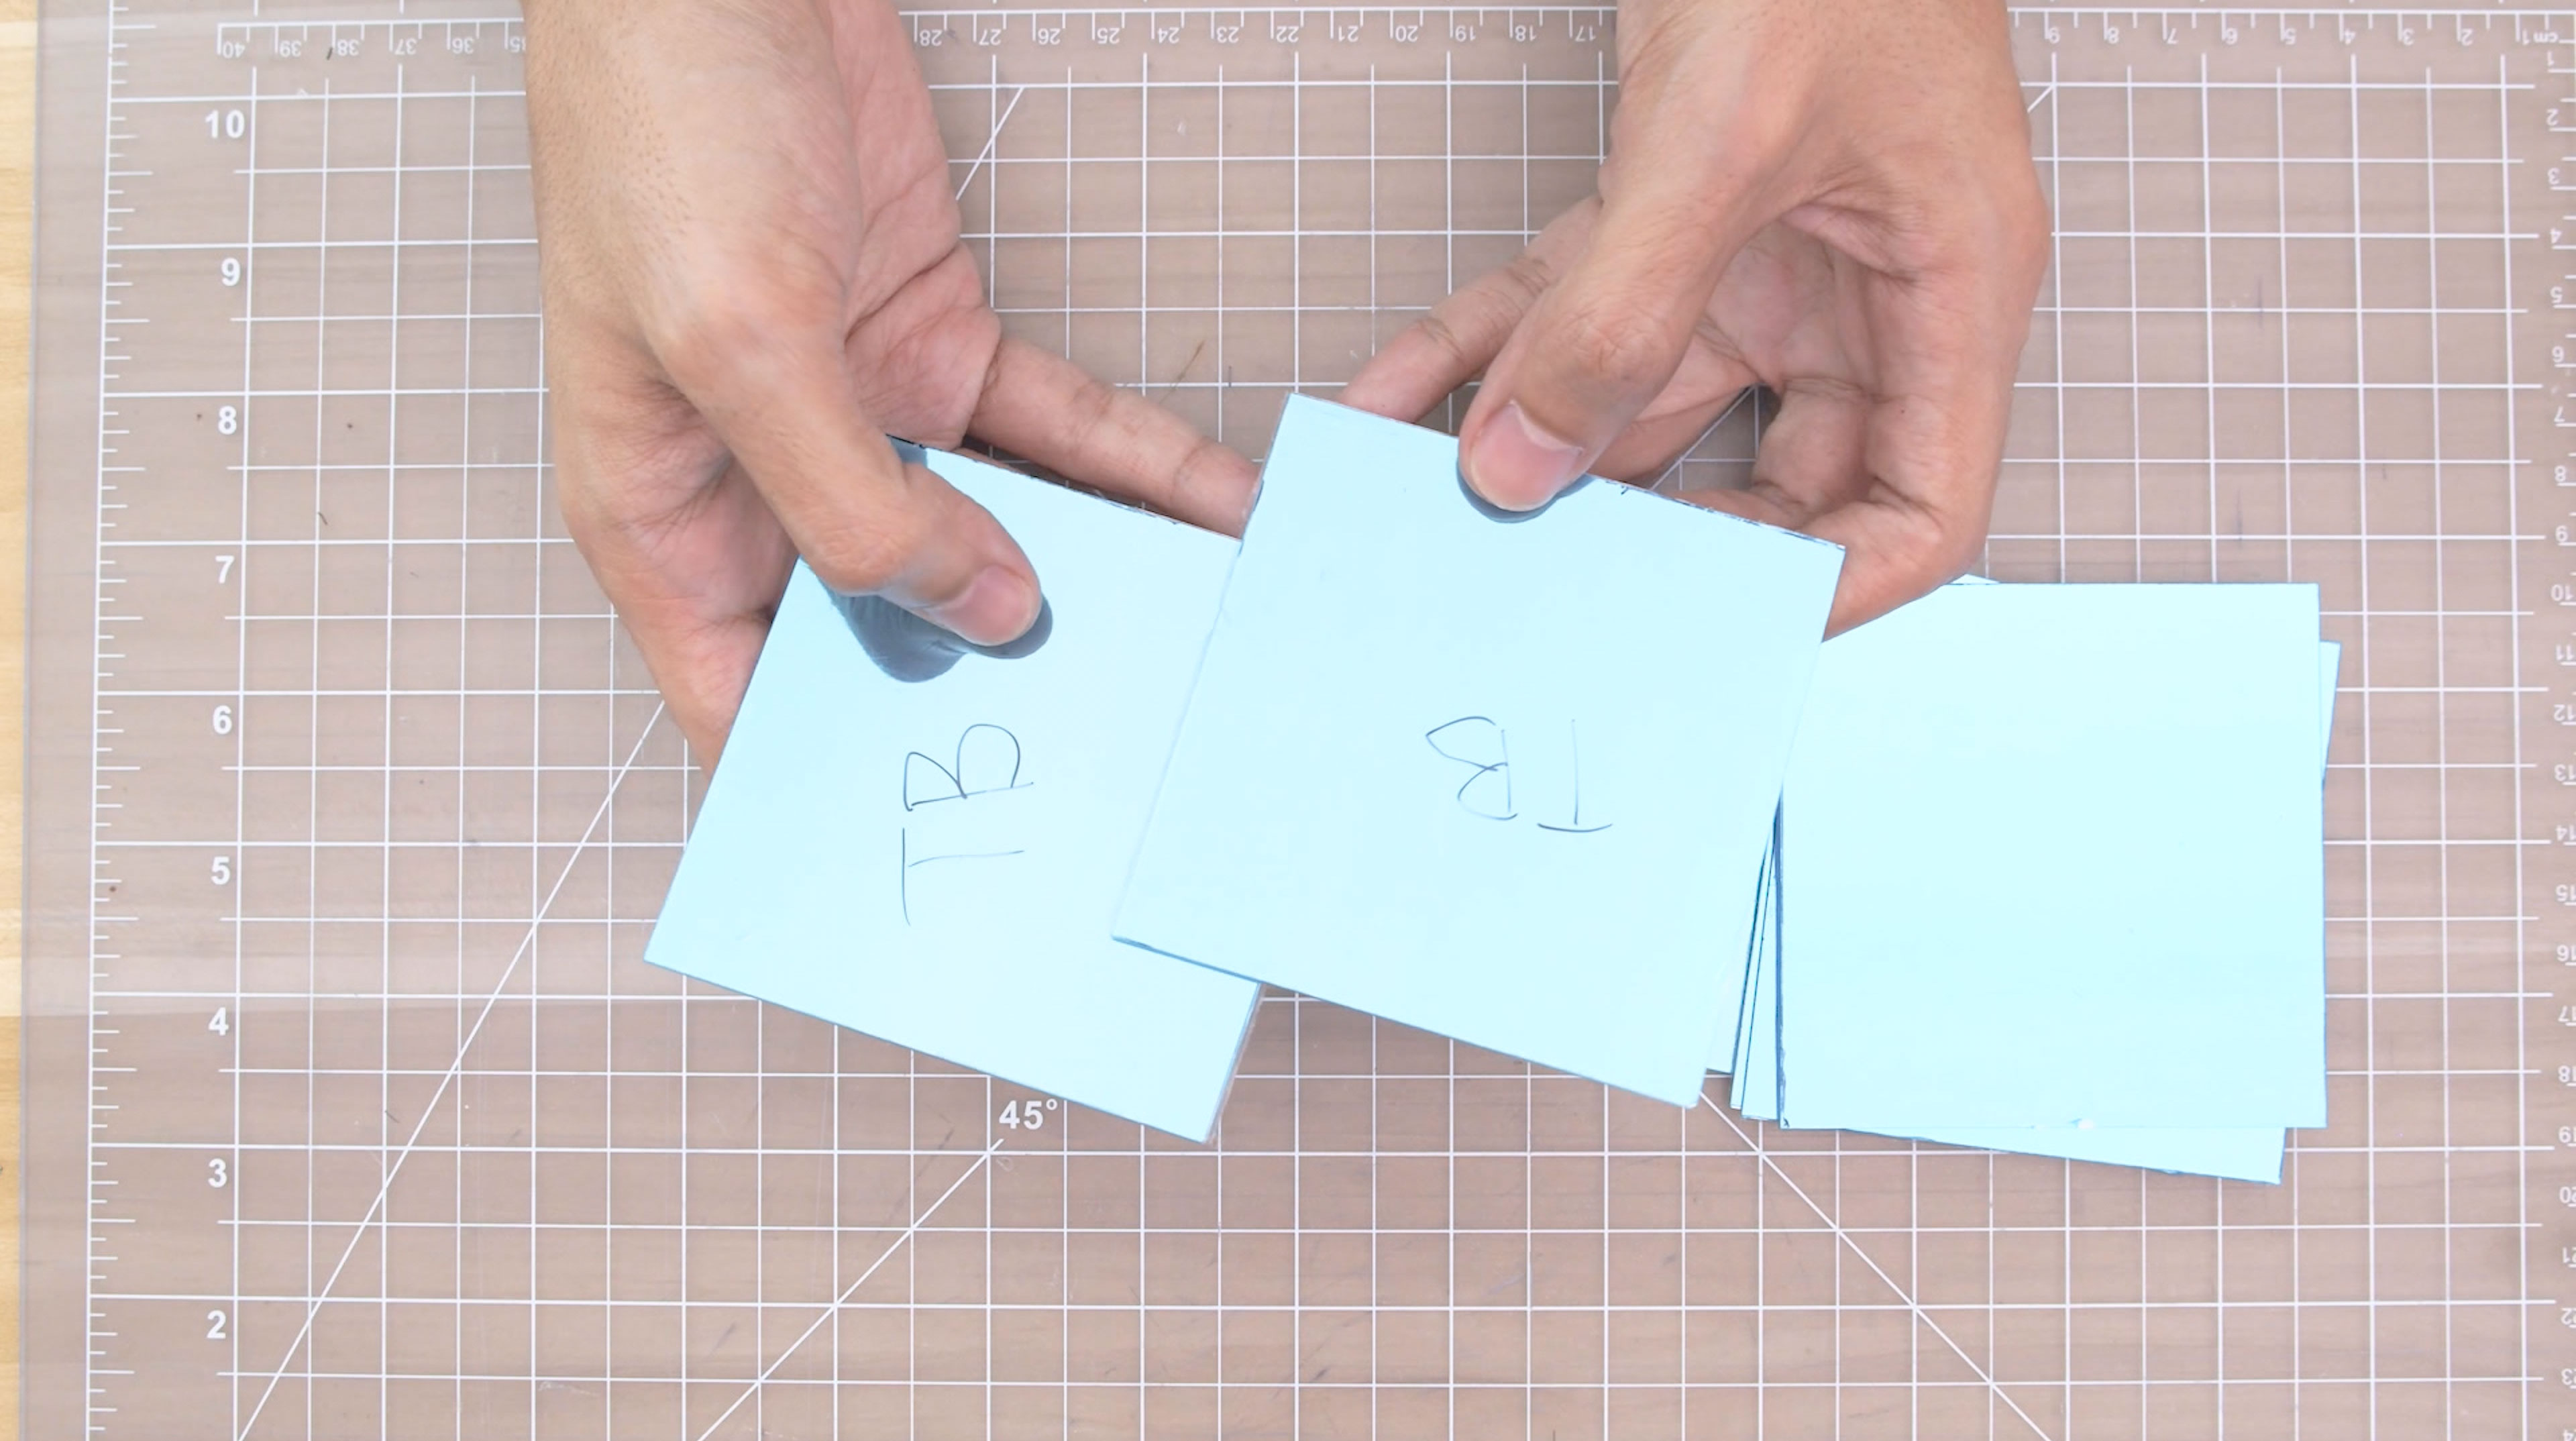 led_strips_top-bottom-panes.jpg